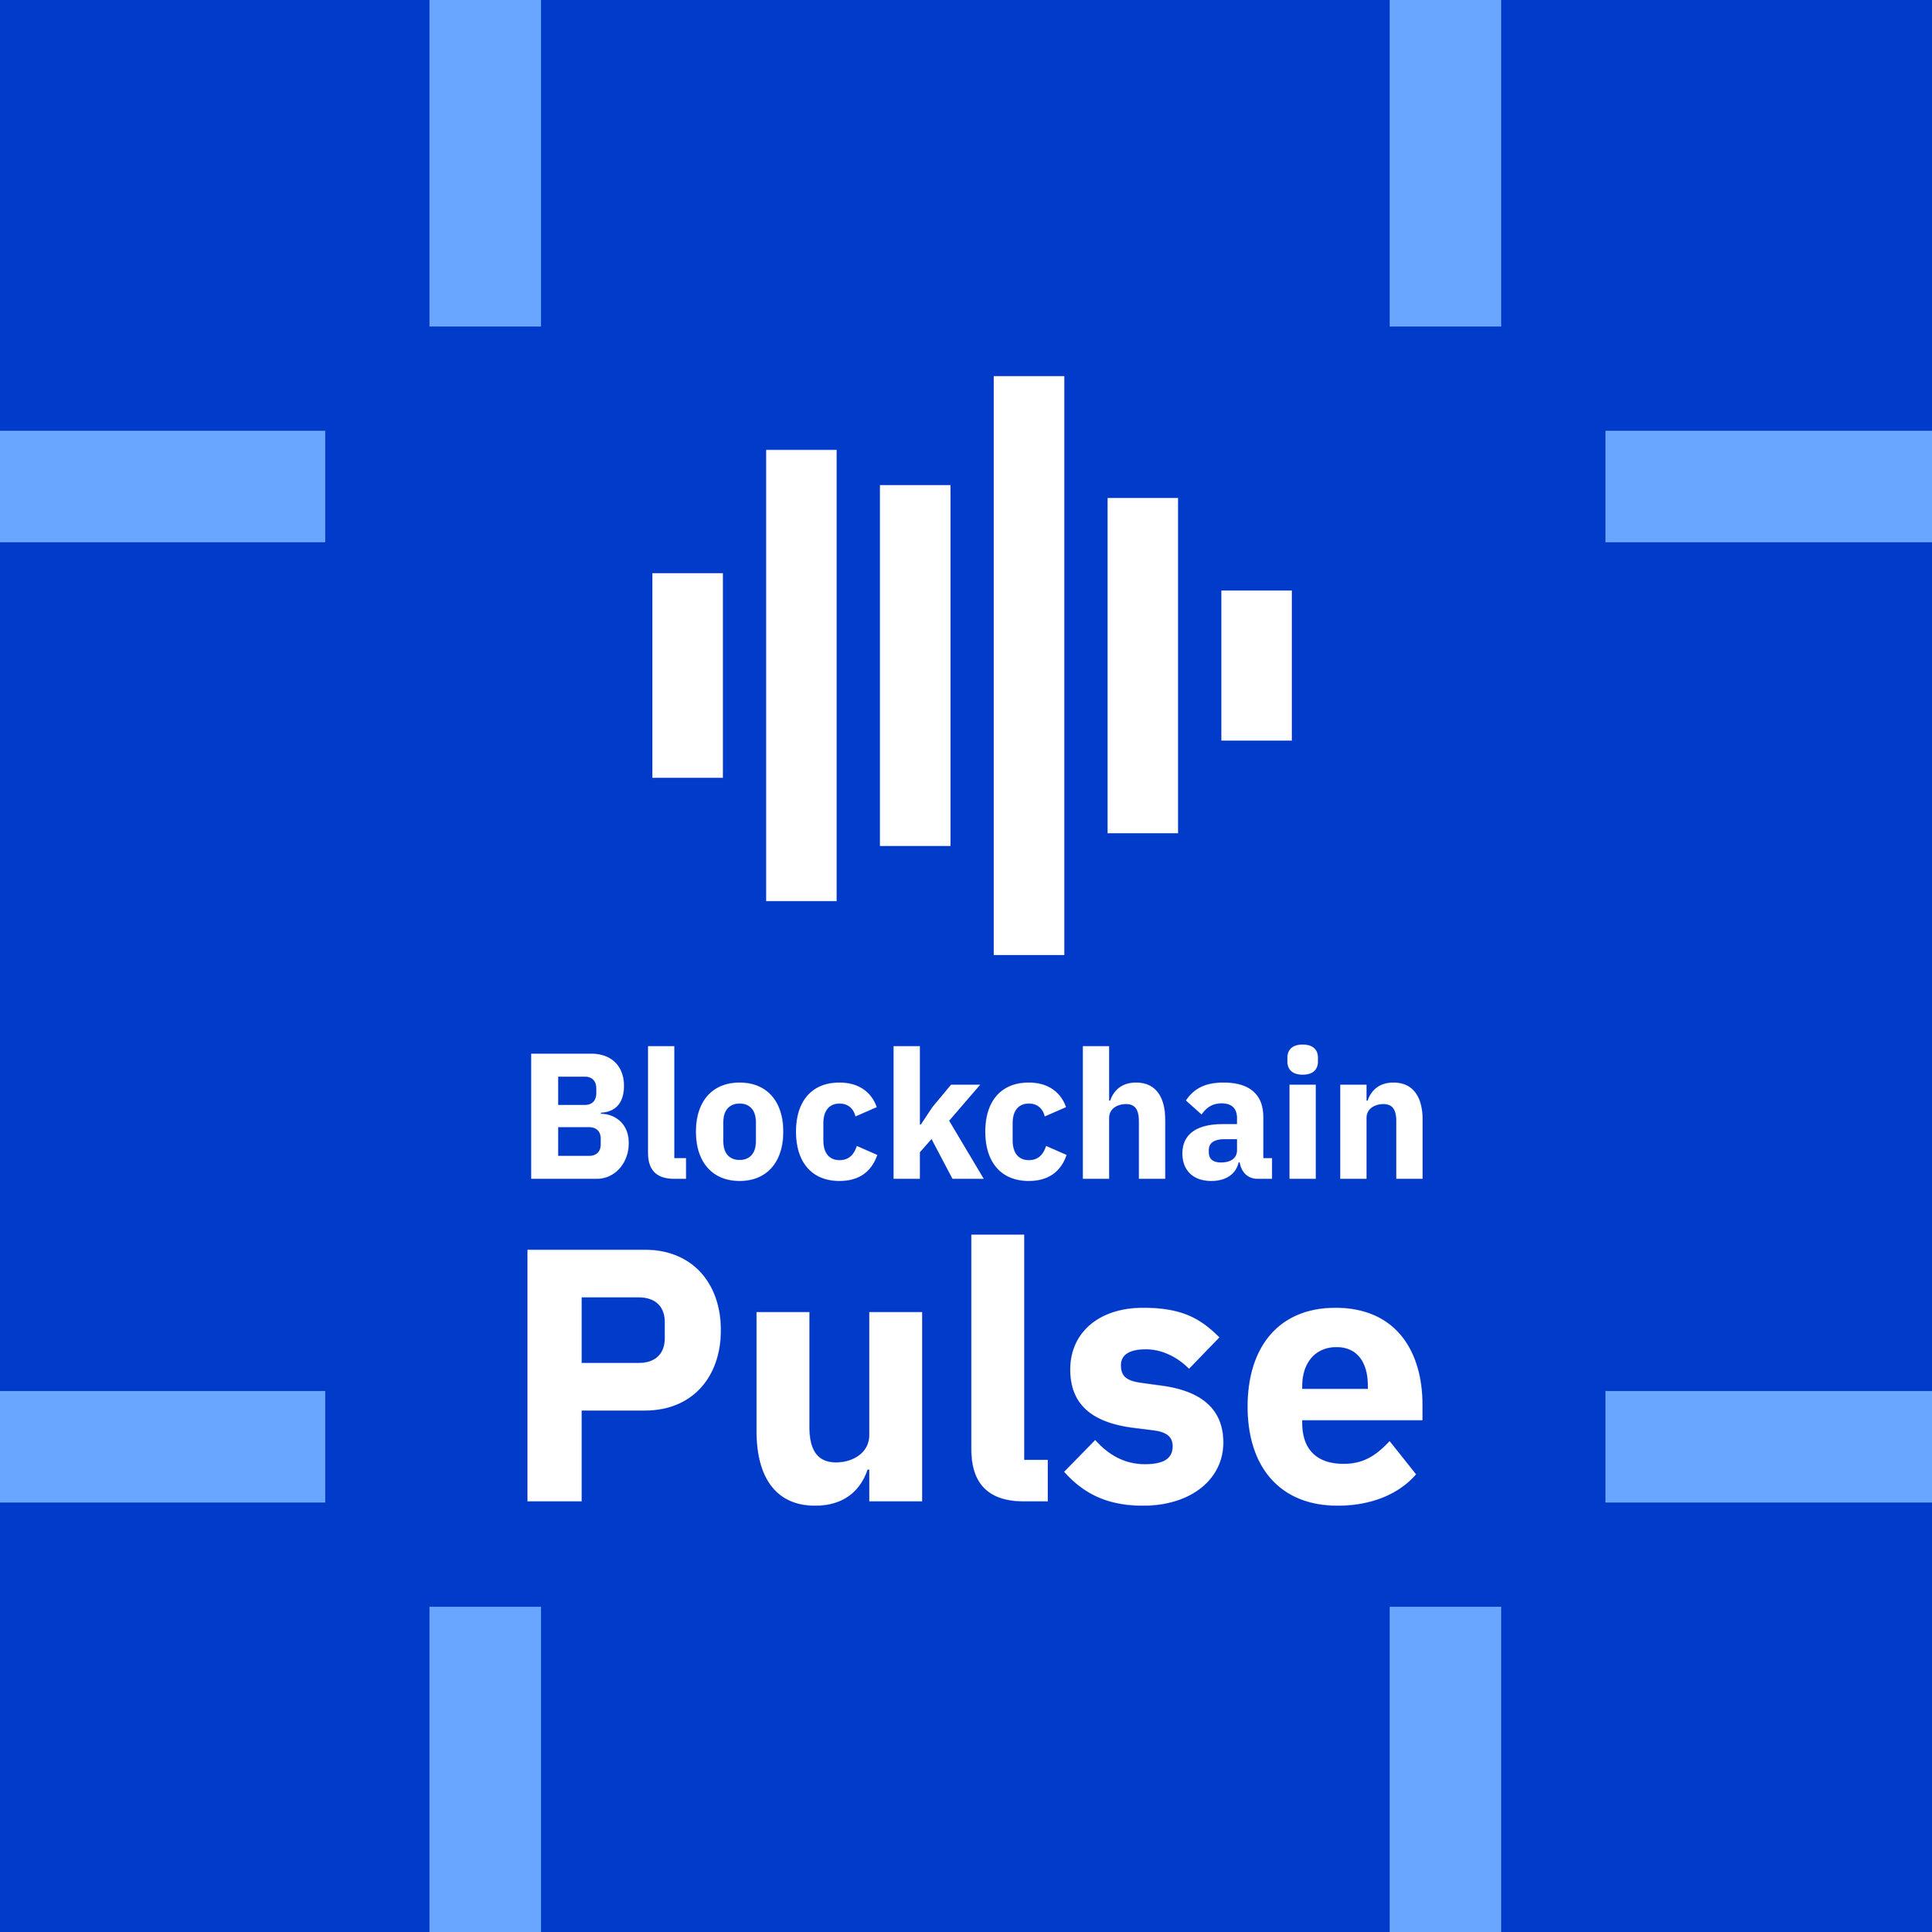 Podcast_artwork_square.jpg